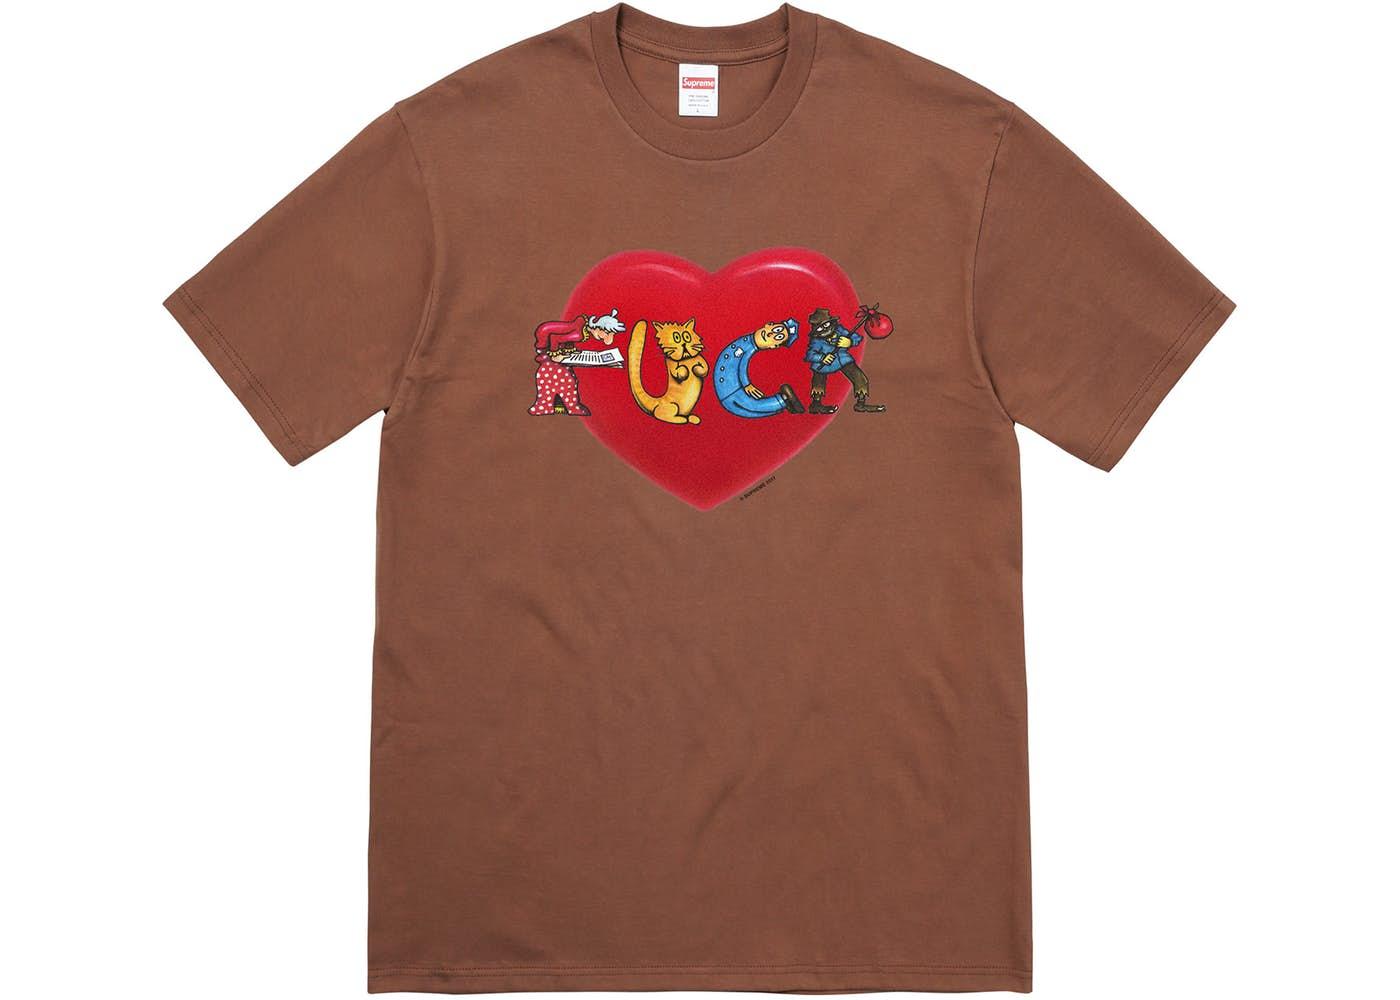 画像1: SUPREME FUCK LOVE TEE | シュプリーム ファック ラブ Tシャツ (1)